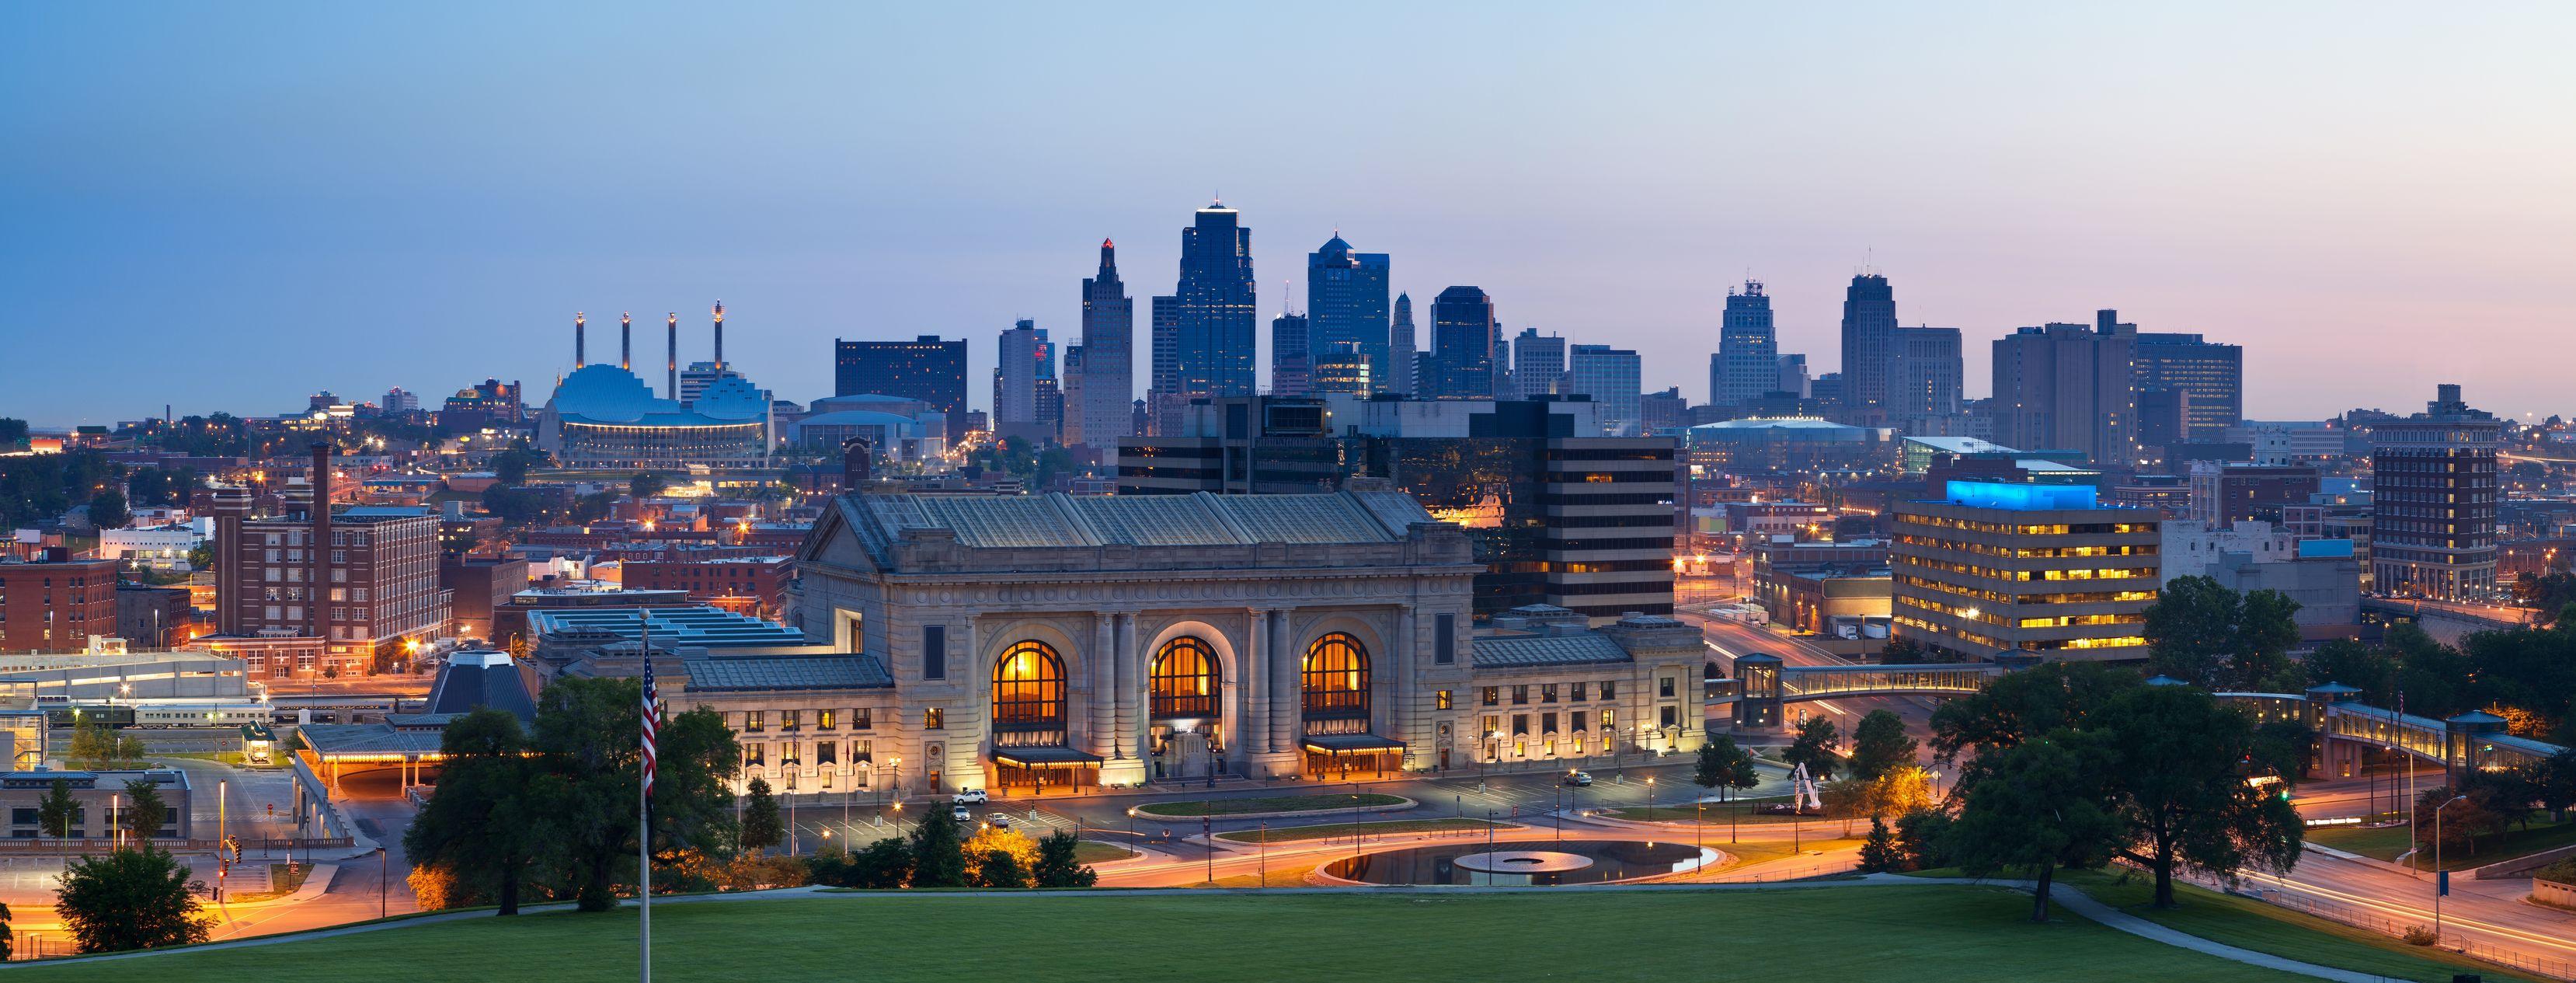 Kansas City Celebrates Life, W...